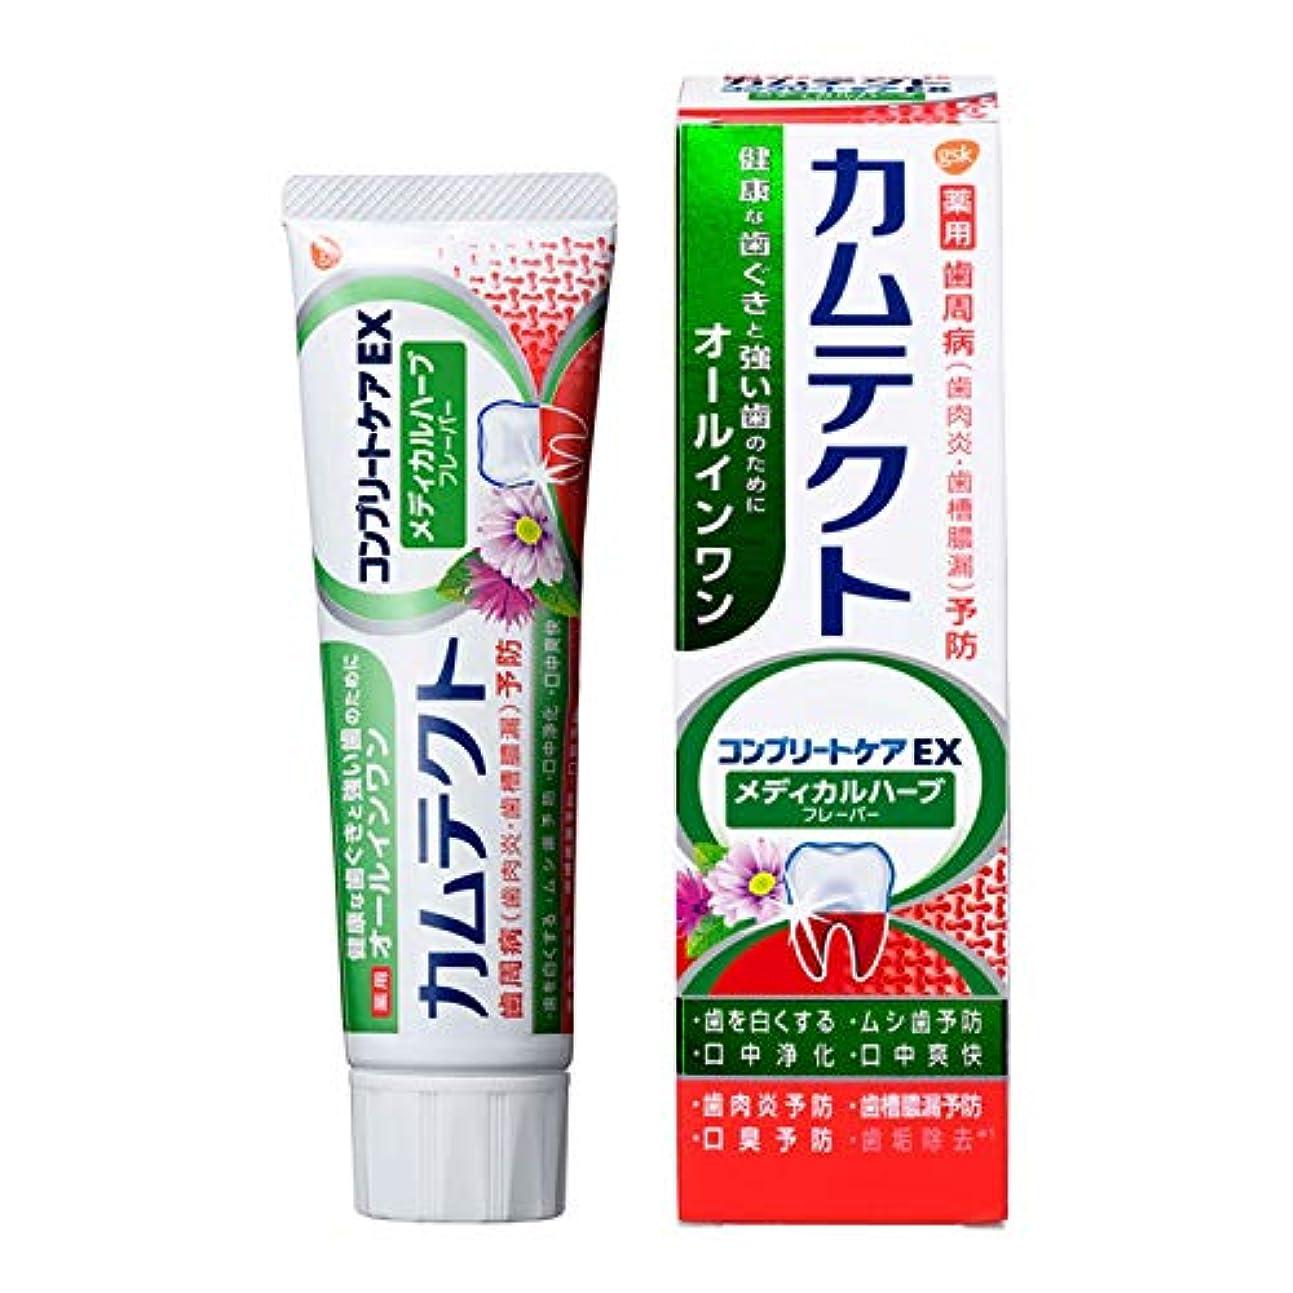 ボンドセメント焼く[医薬部外品] カムテクト コンプリートケアEX メディカルハーブフレーバー 歯磨き粉 105g 1個